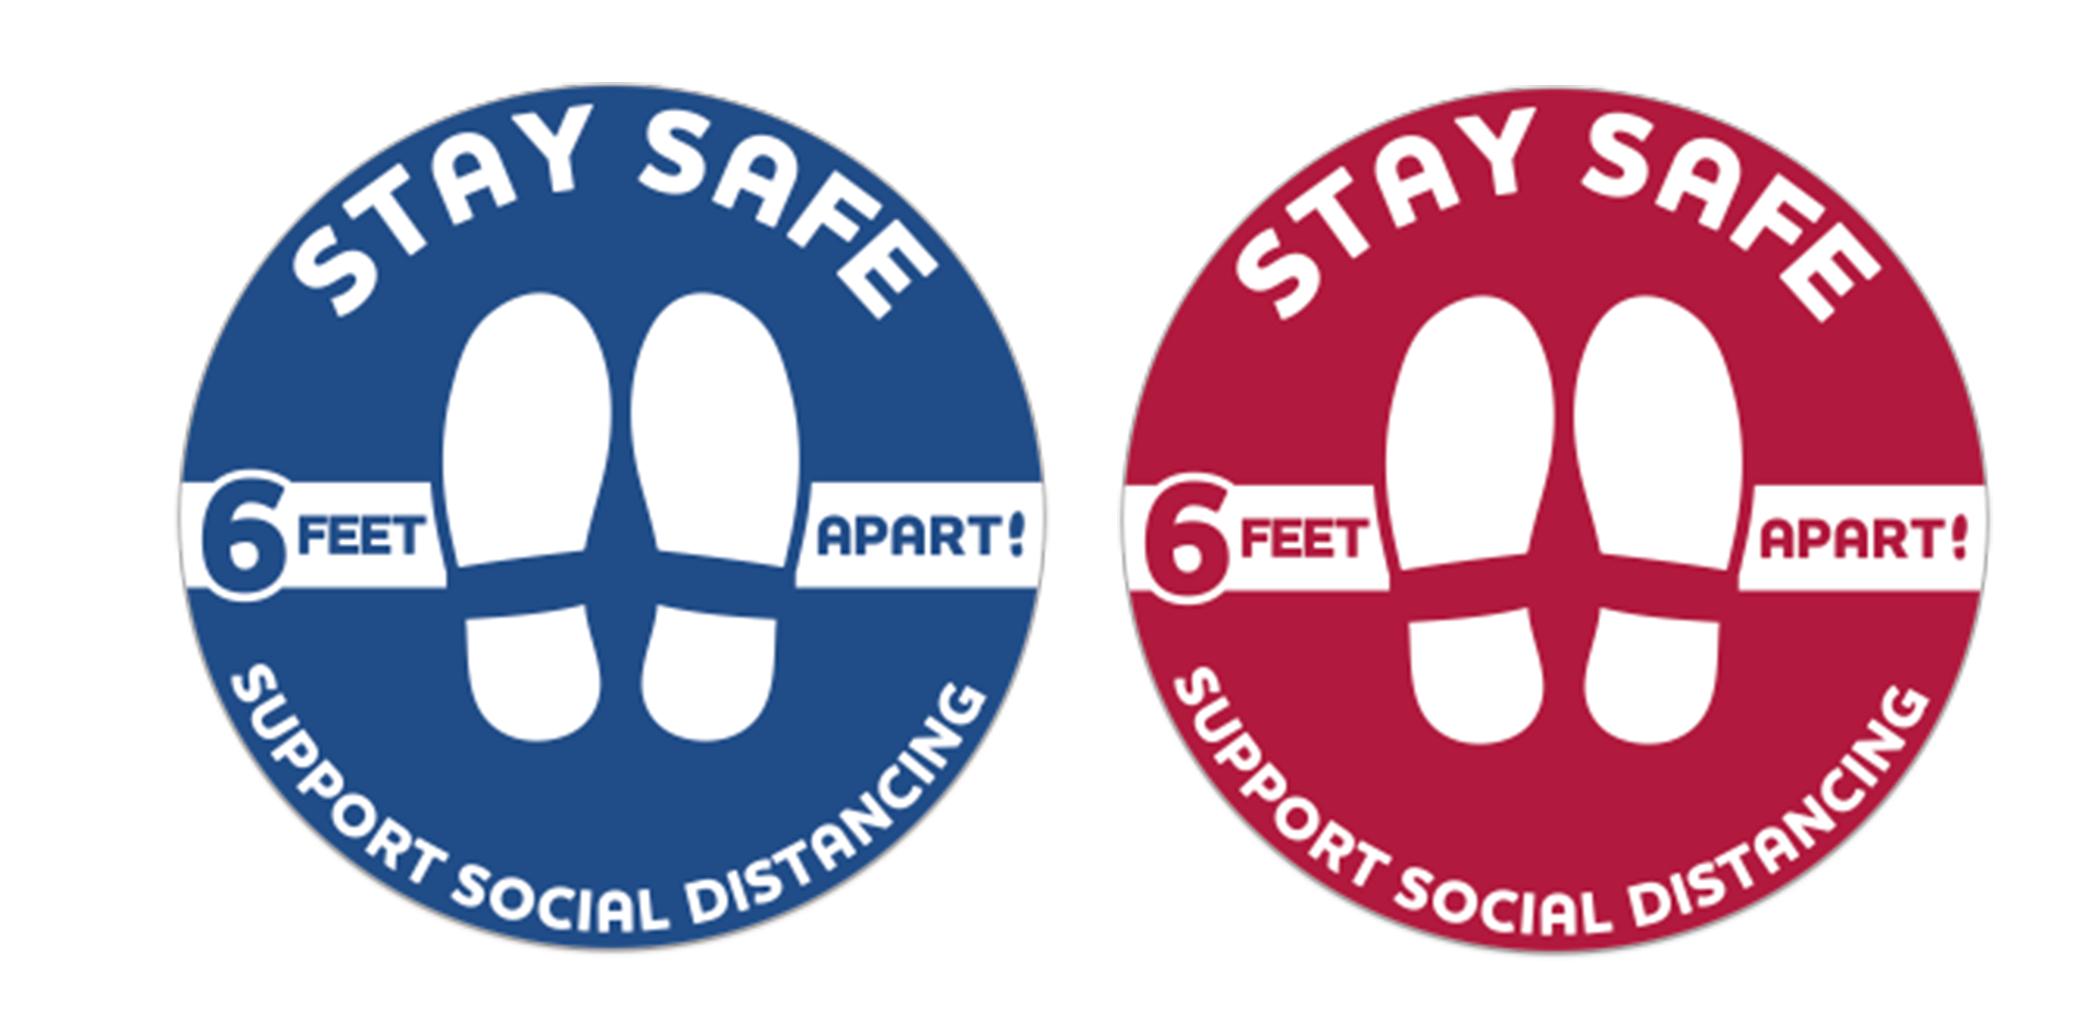 Stay Safe Floor Decals - Round